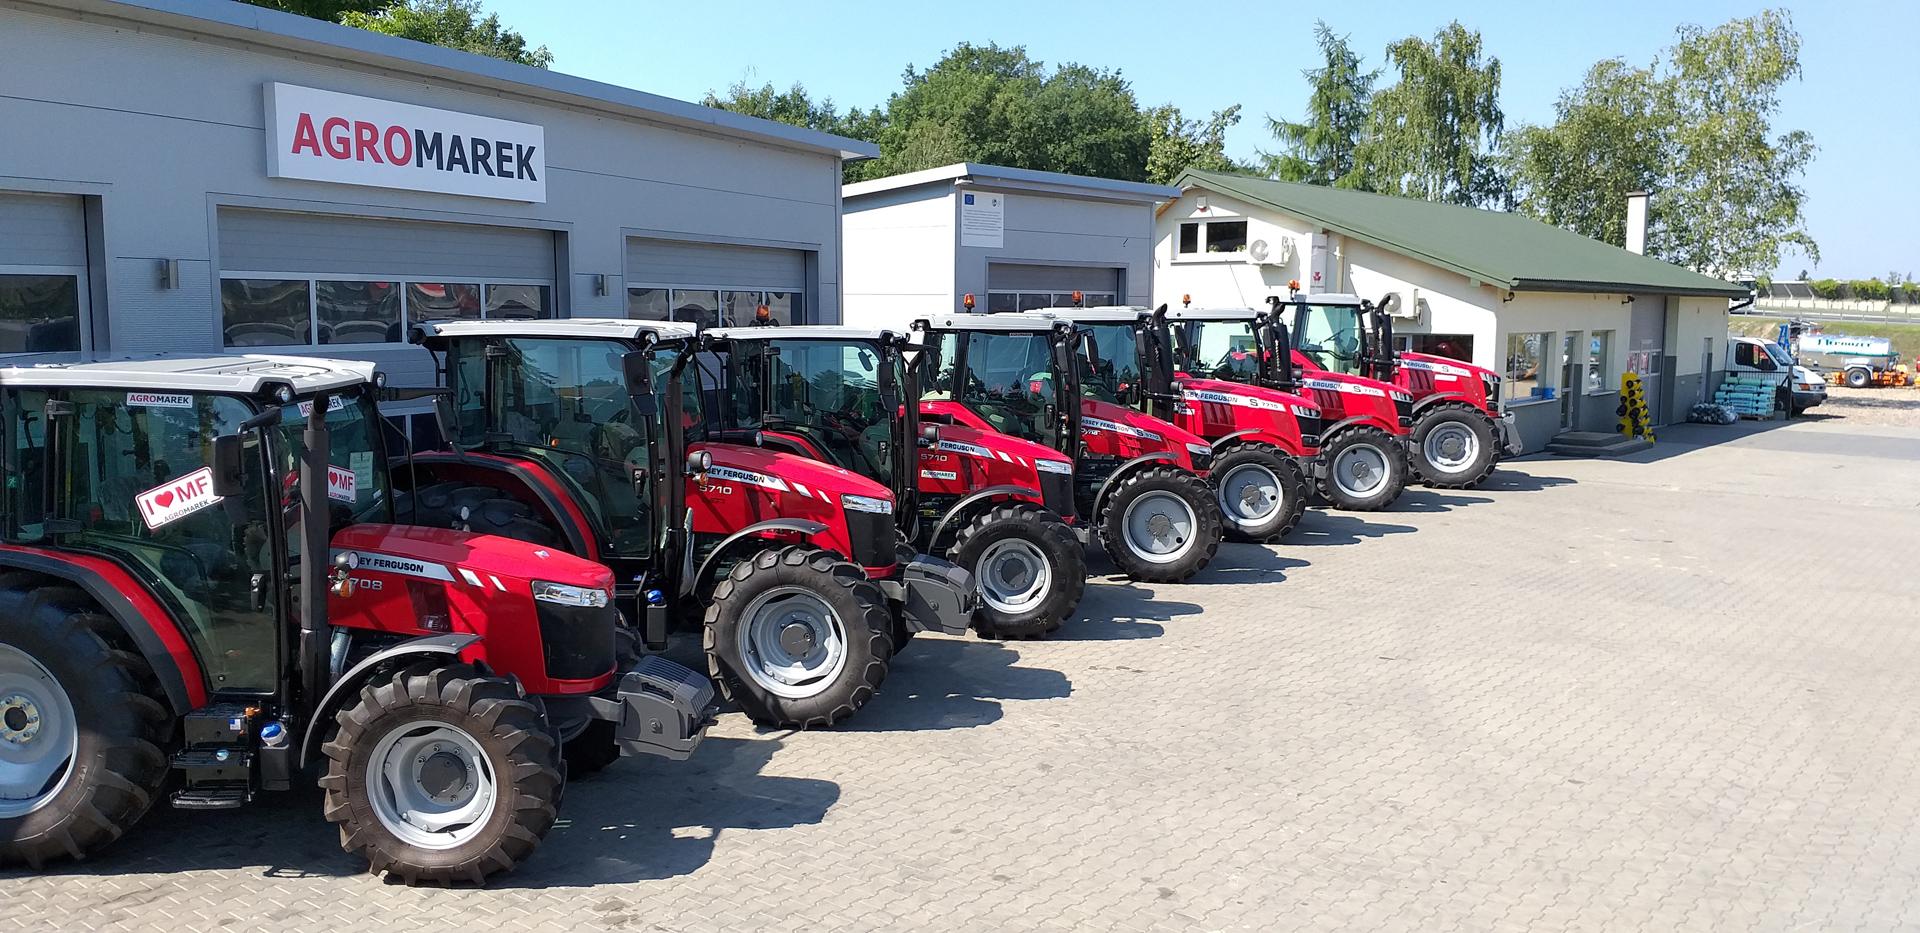 W superbly AGRO-MAREK – sprzedaż ciągników i maszyn rolniczych, dealer Massey ZI94